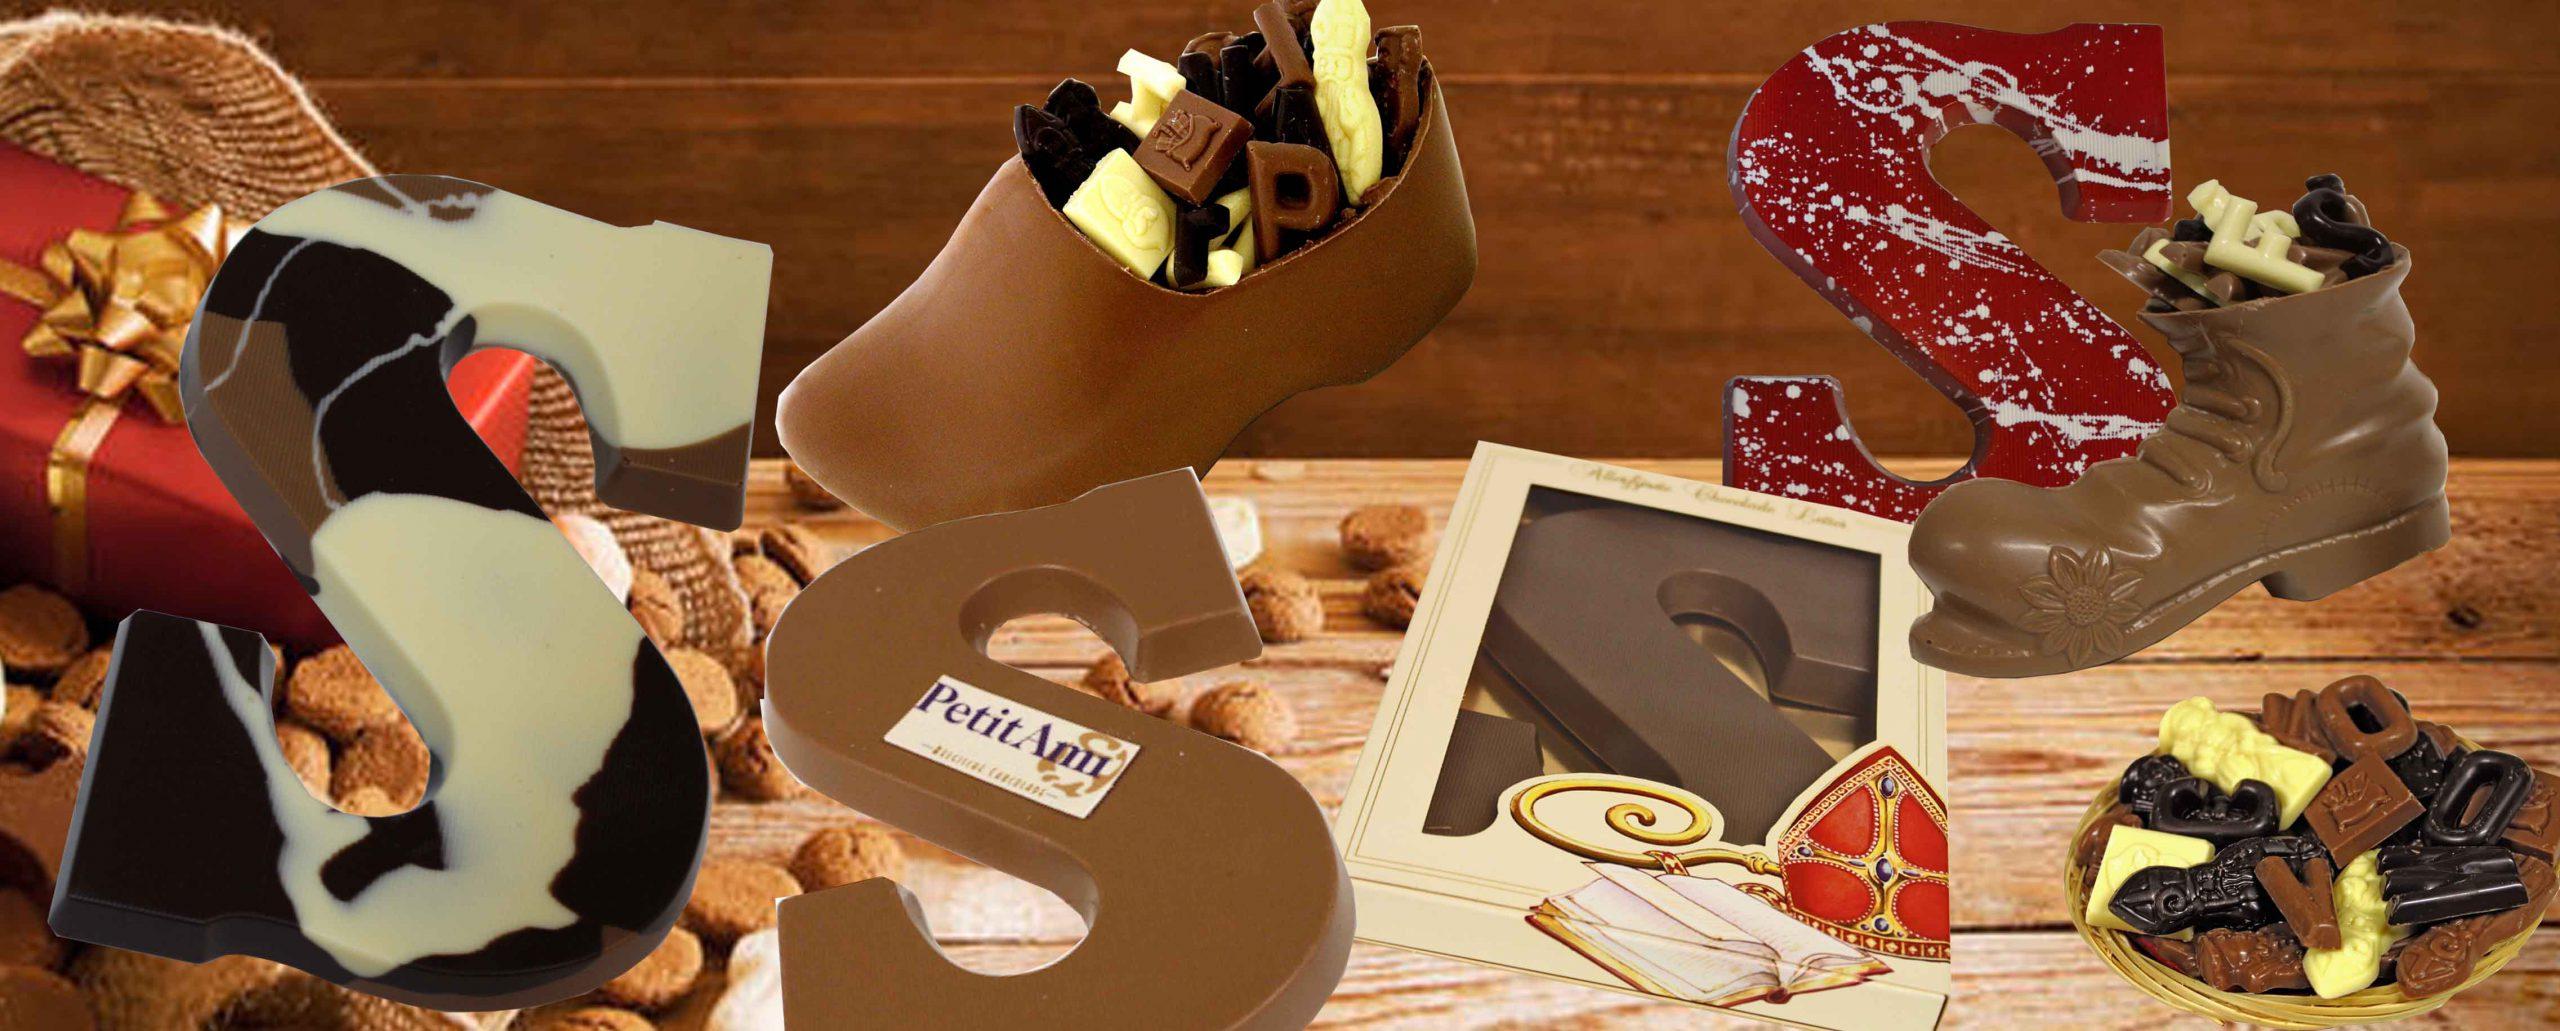 chocolade Sinterklaas geschenken